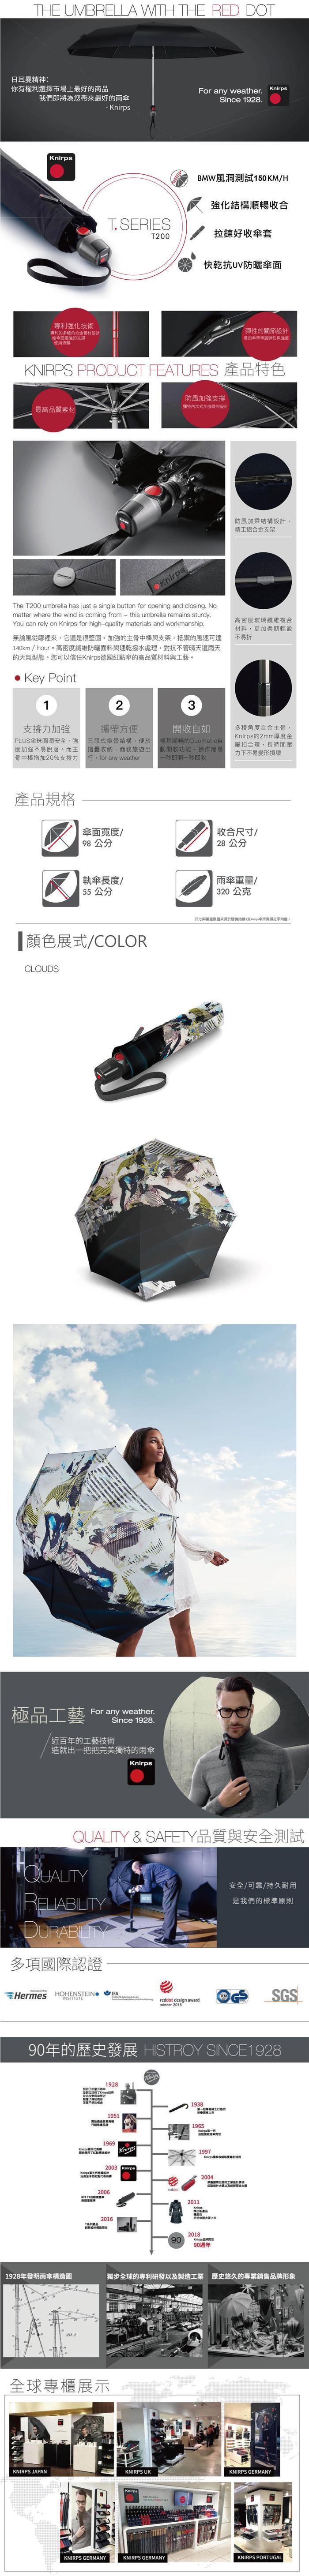 (複製)Knirps德國紅點傘|T.200 自動開收傘- Perfection stone